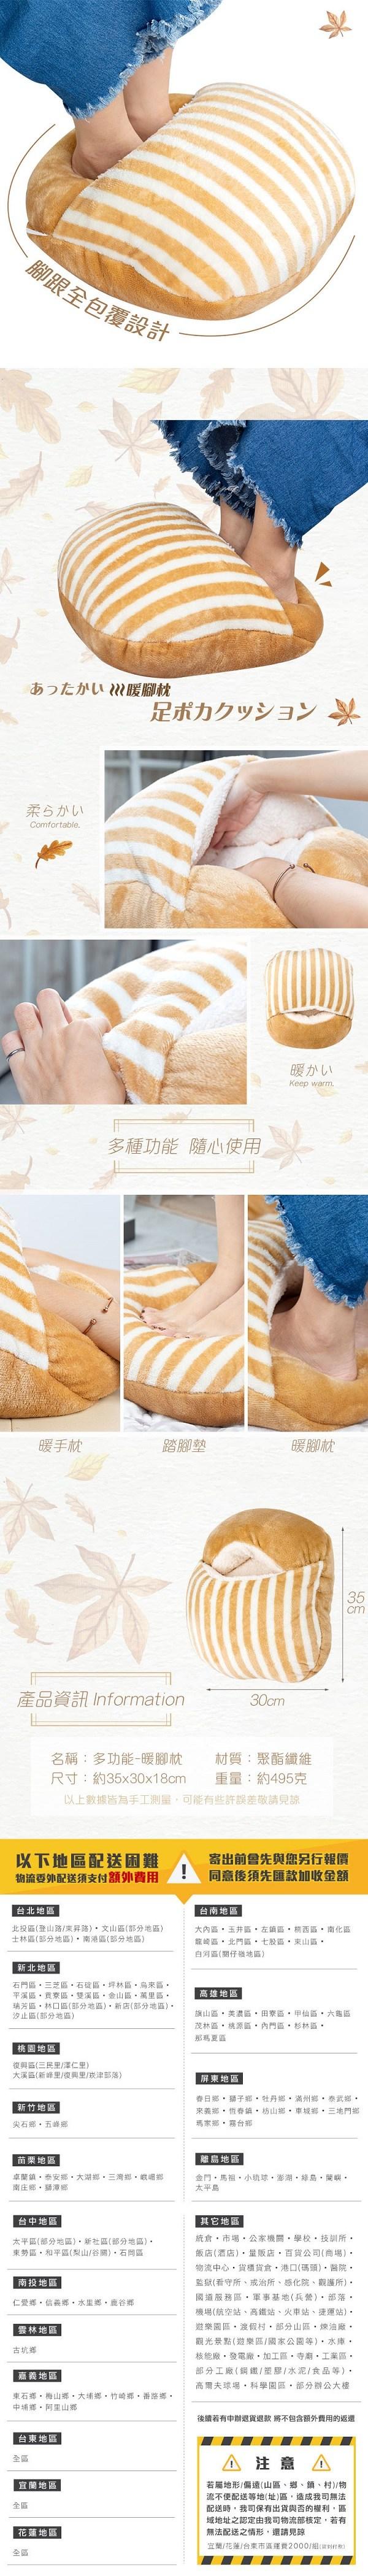 暖腳枕;暖腳墊;暖腳;踏腳墊;暖手枕;樂嫚妮;保暖;低溫特報;寒流;暖手;墊